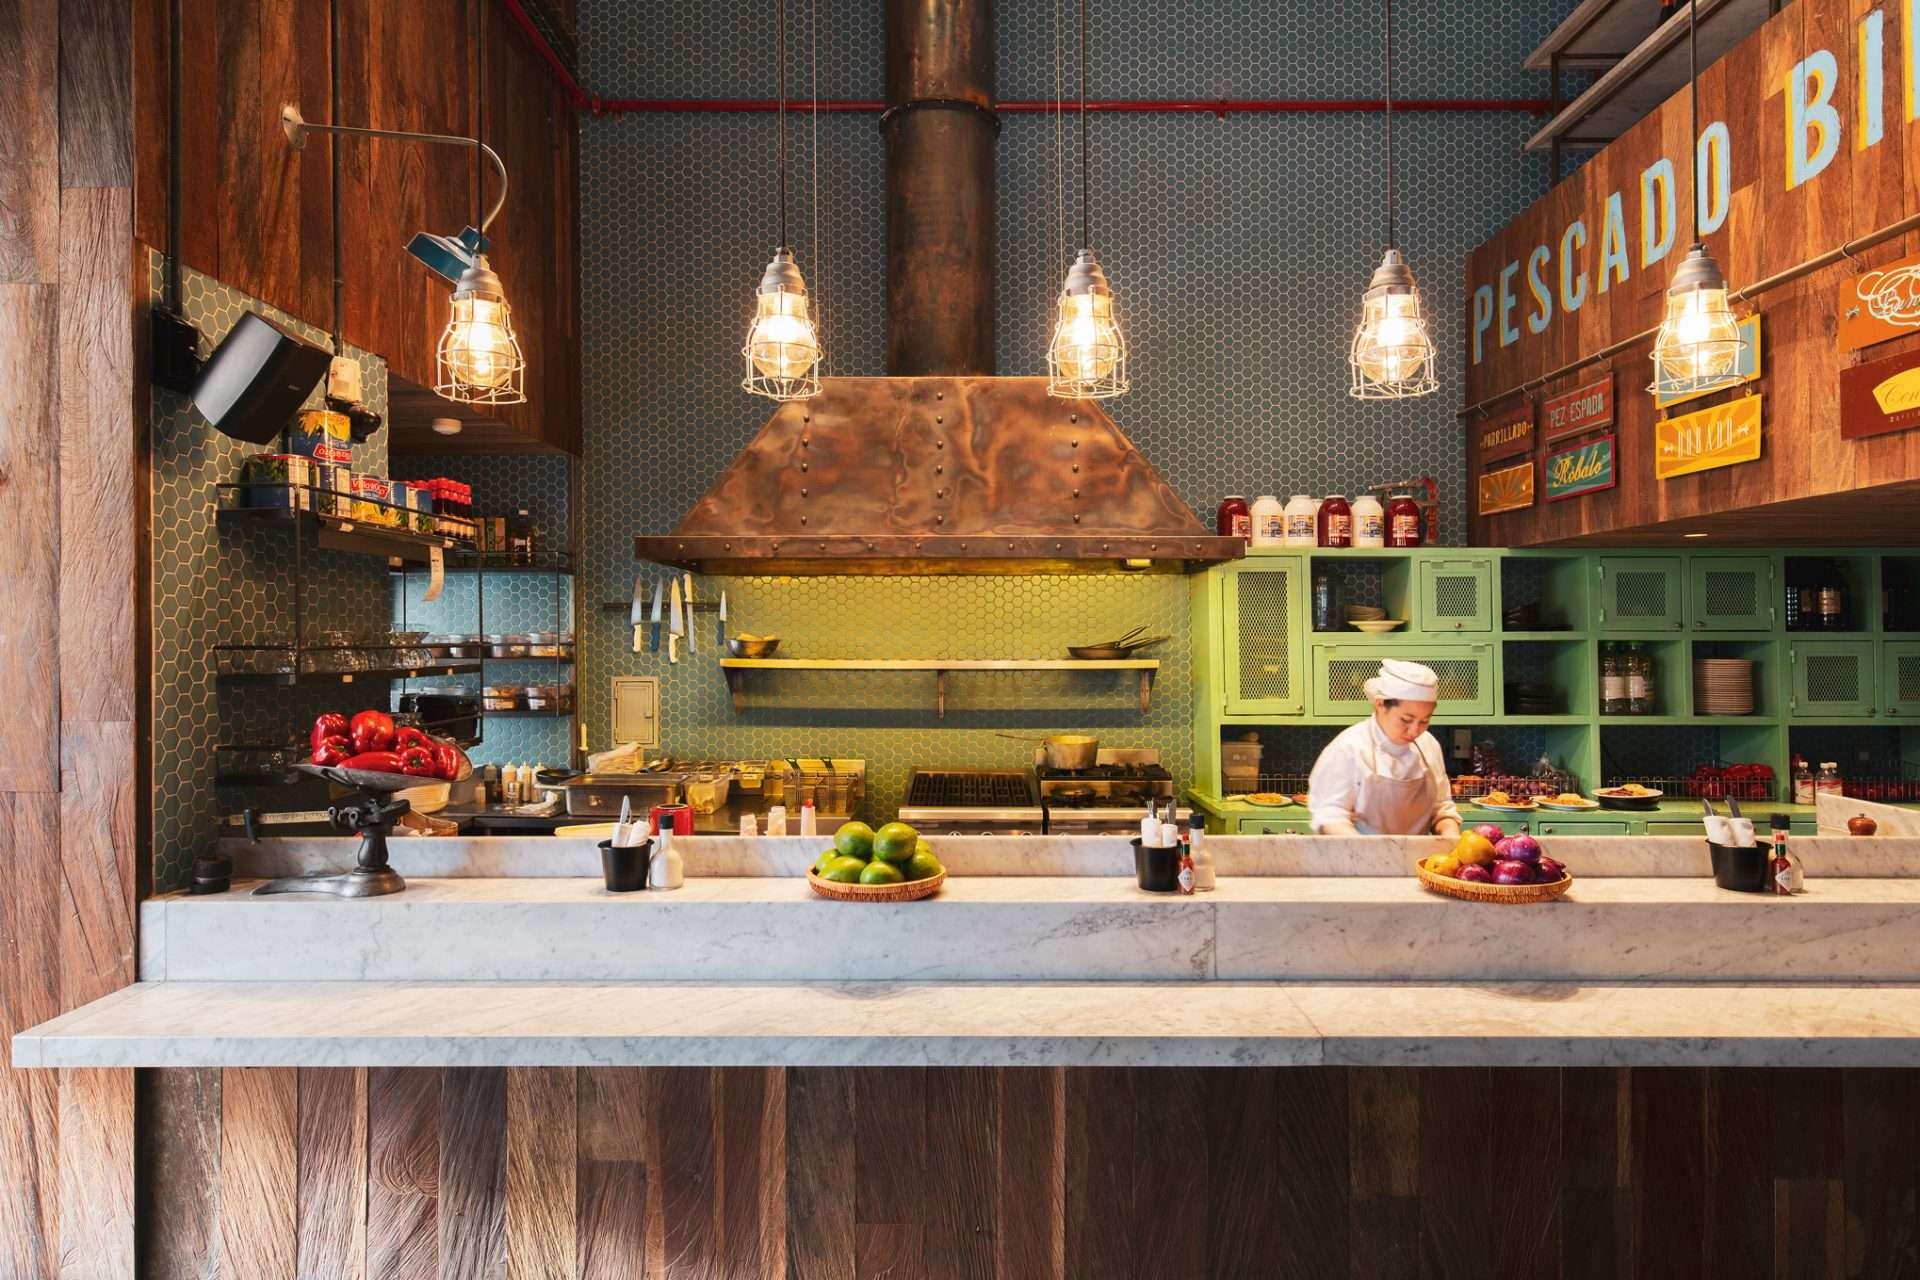 03muñoz.bosch.cevivheria.bogota.restaurante.simonbosch.photography.interior.coala.constructora